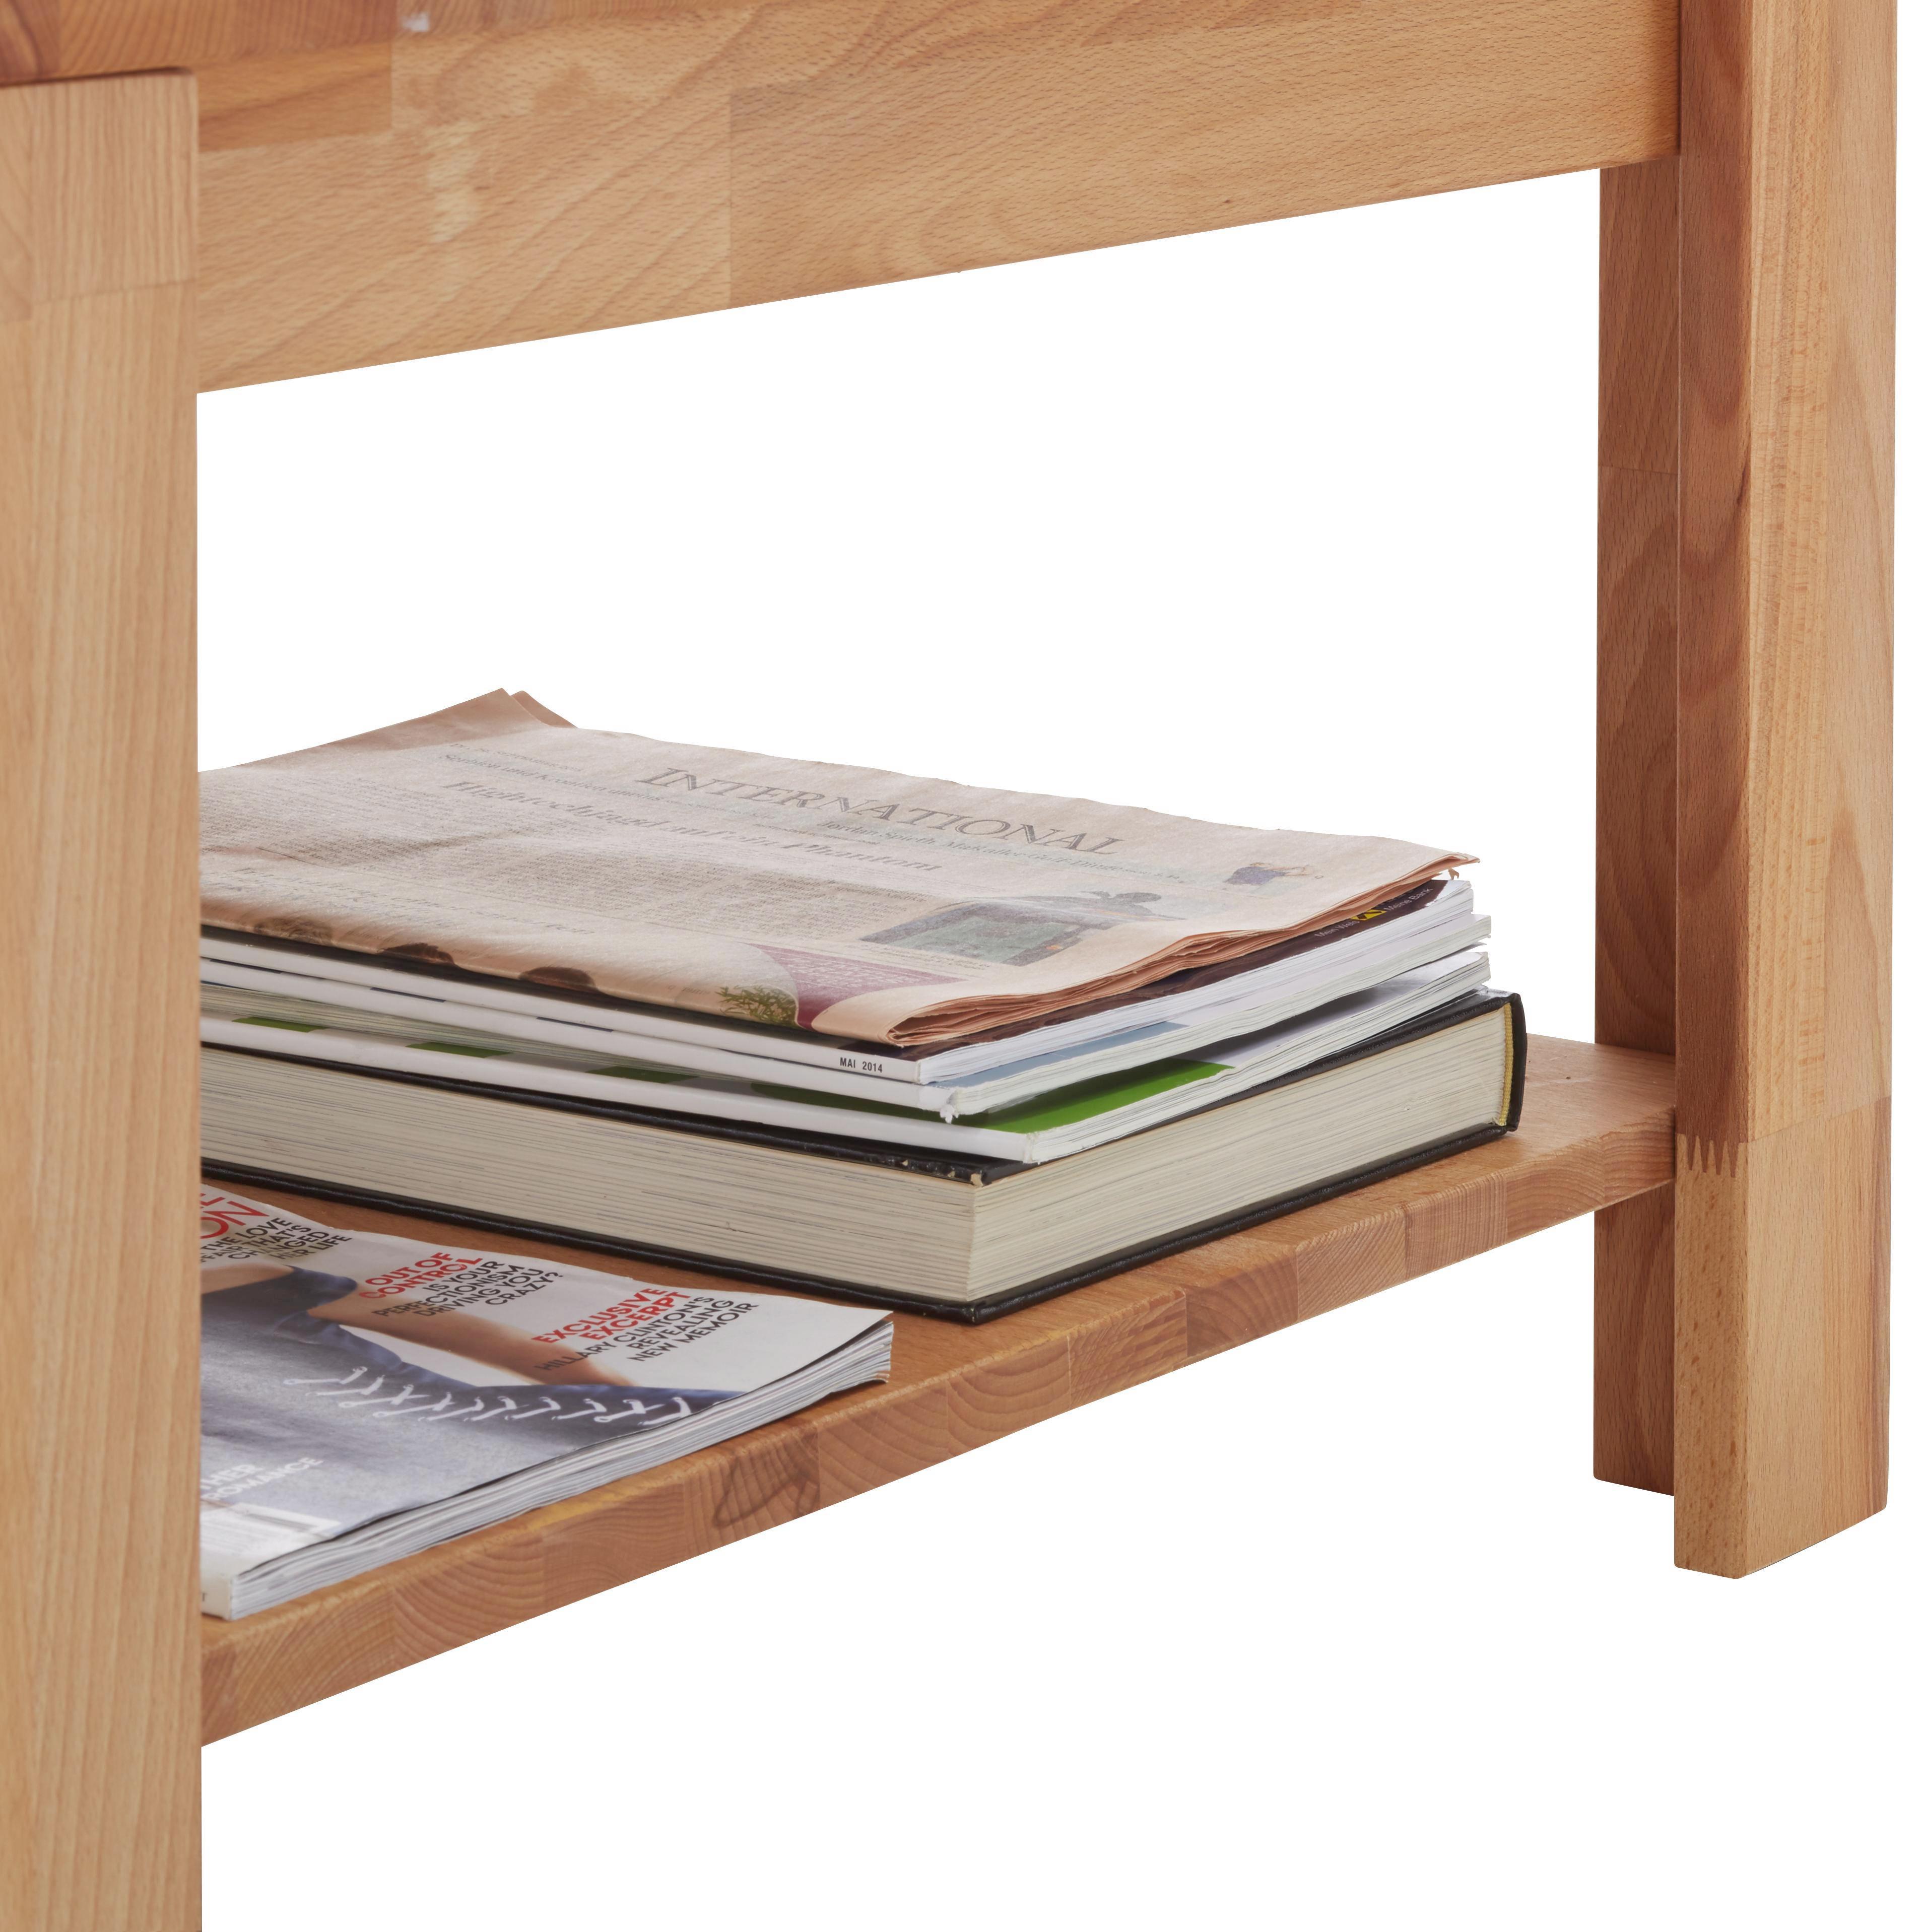 Couchtisch Holz - Buchefarben, KONVENTIONELL, Holz (70/43/70cm) - ZANDIARA